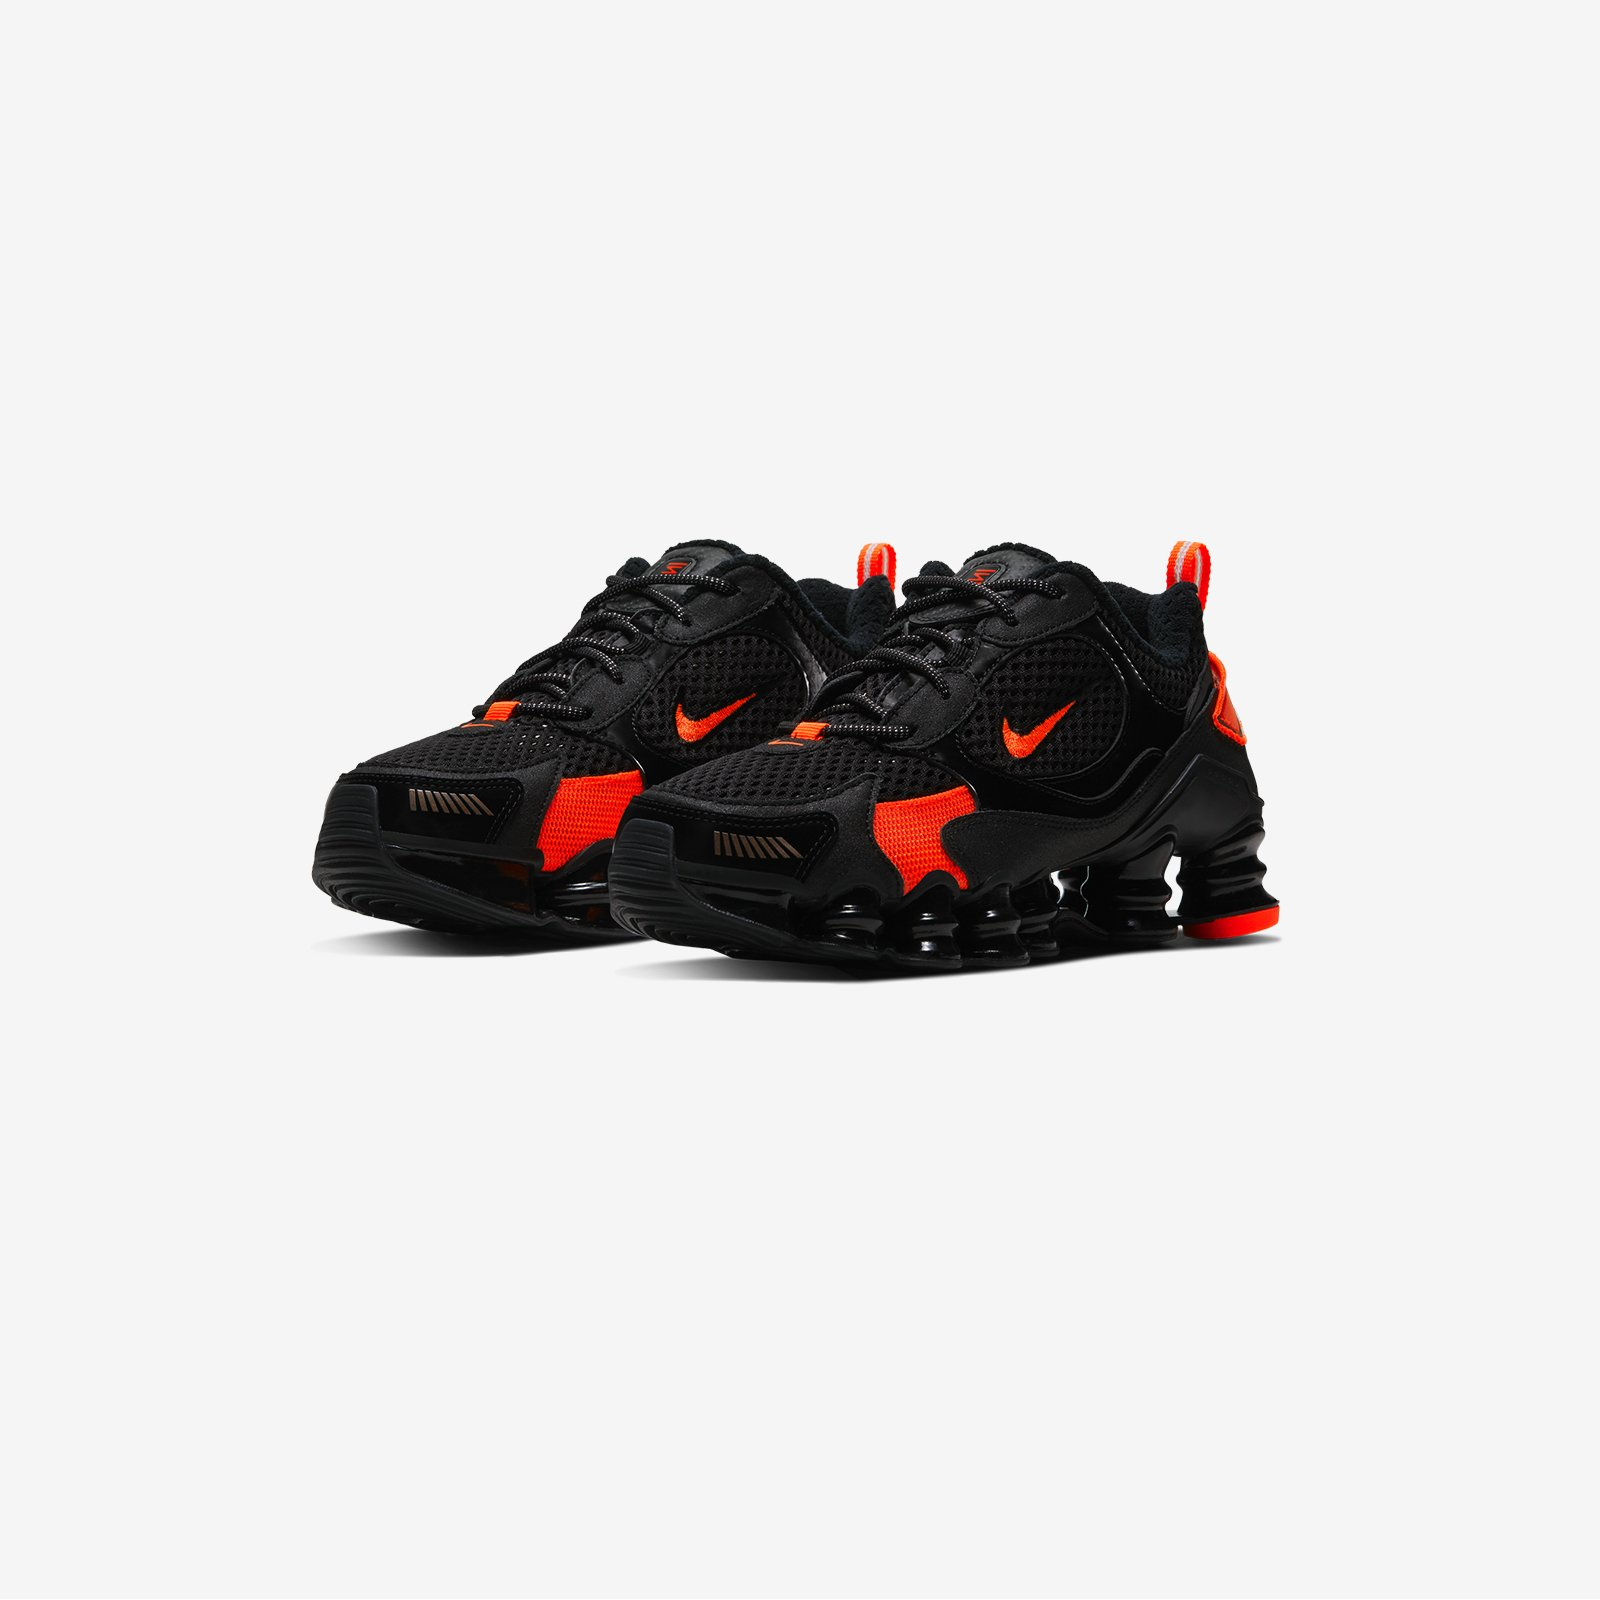 Nike Wmns Shox TL Nova SP - Ck2085-001 - Sneakersnstuff ...